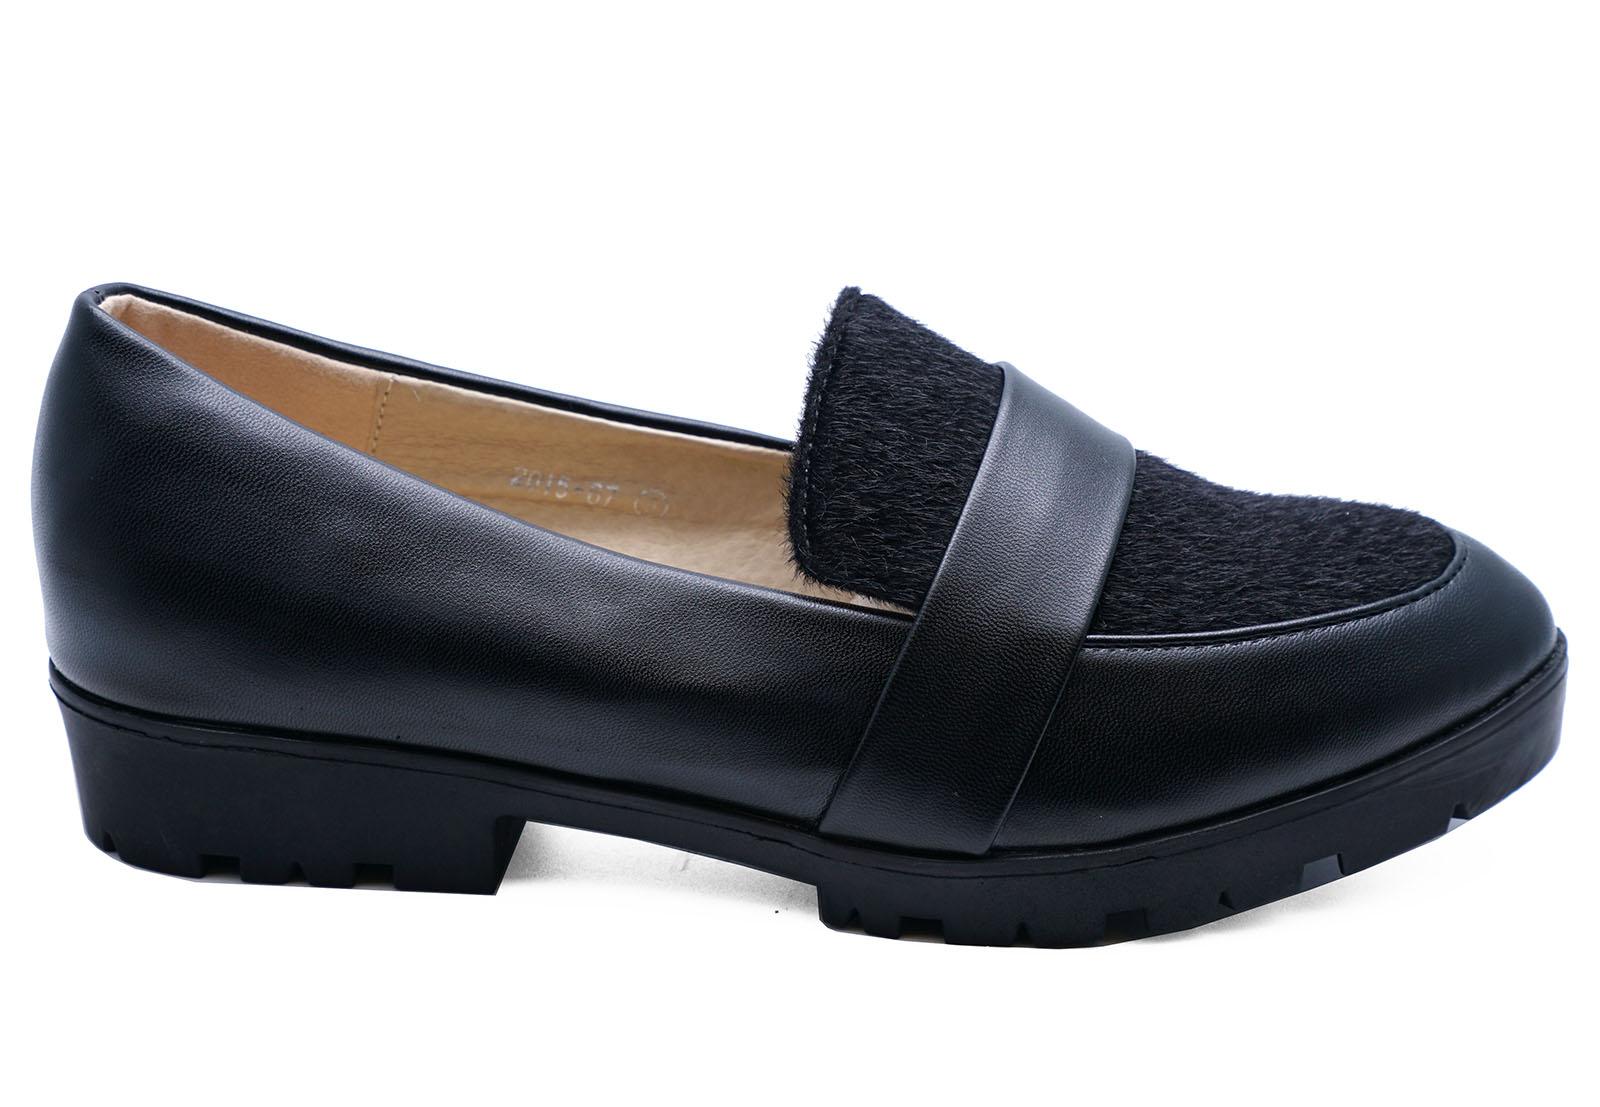 Femmes Noir Mocassins Slip-on verrouillées Plat Smart Confortable Travail École Chaussures Uk 3-7